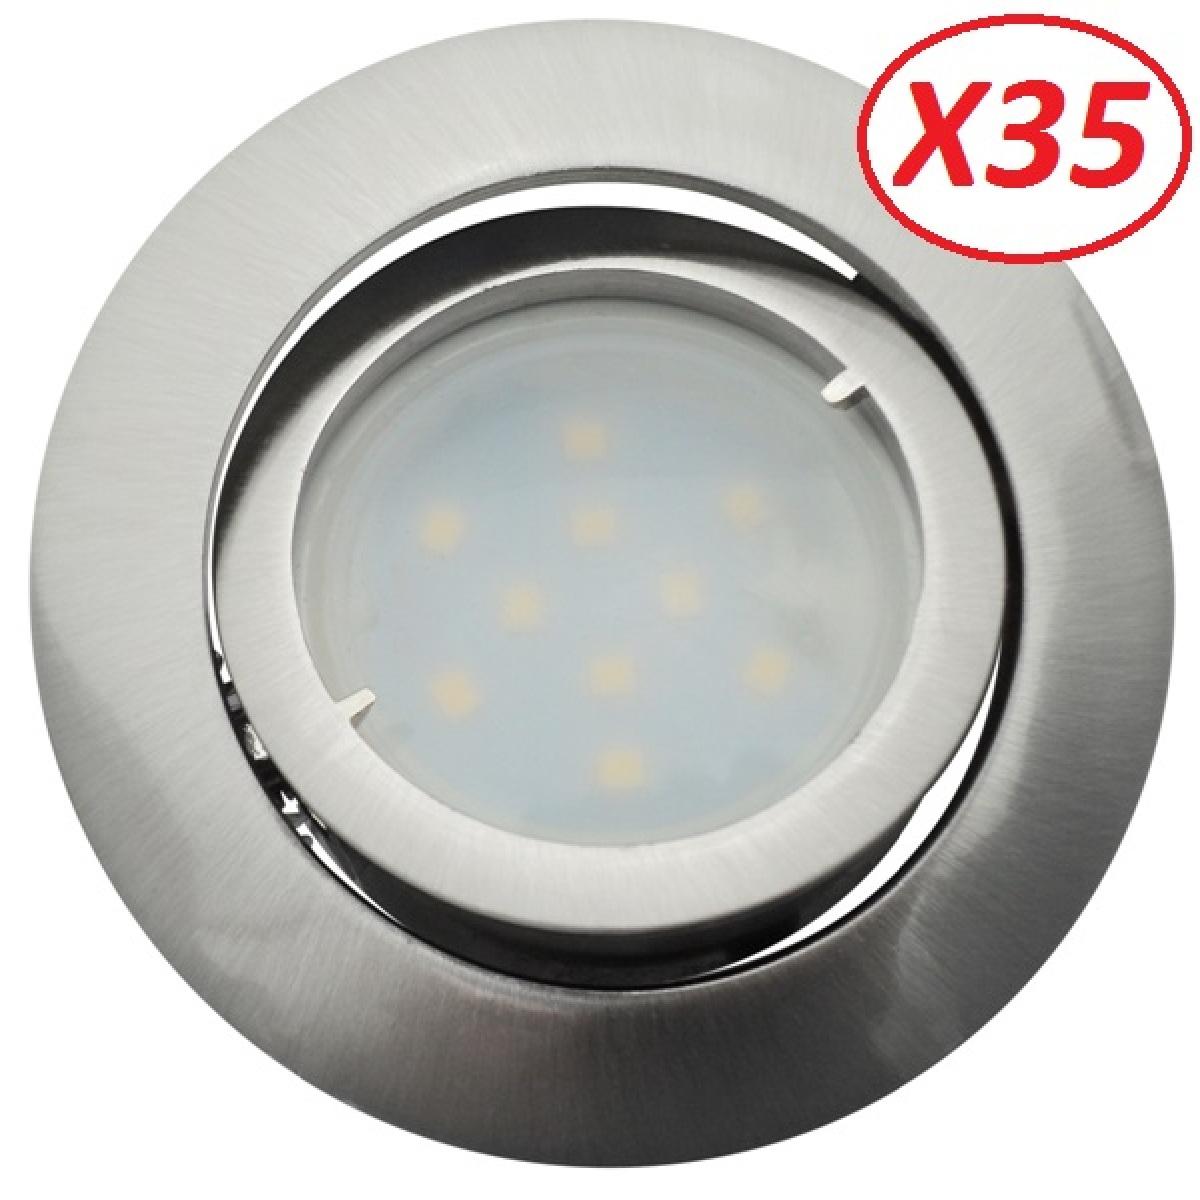 Eurobryte Lot de 35 Spot Led Encastrable Complete Satin Orientable lumière Blanc Chaud eq. 50W ref.209